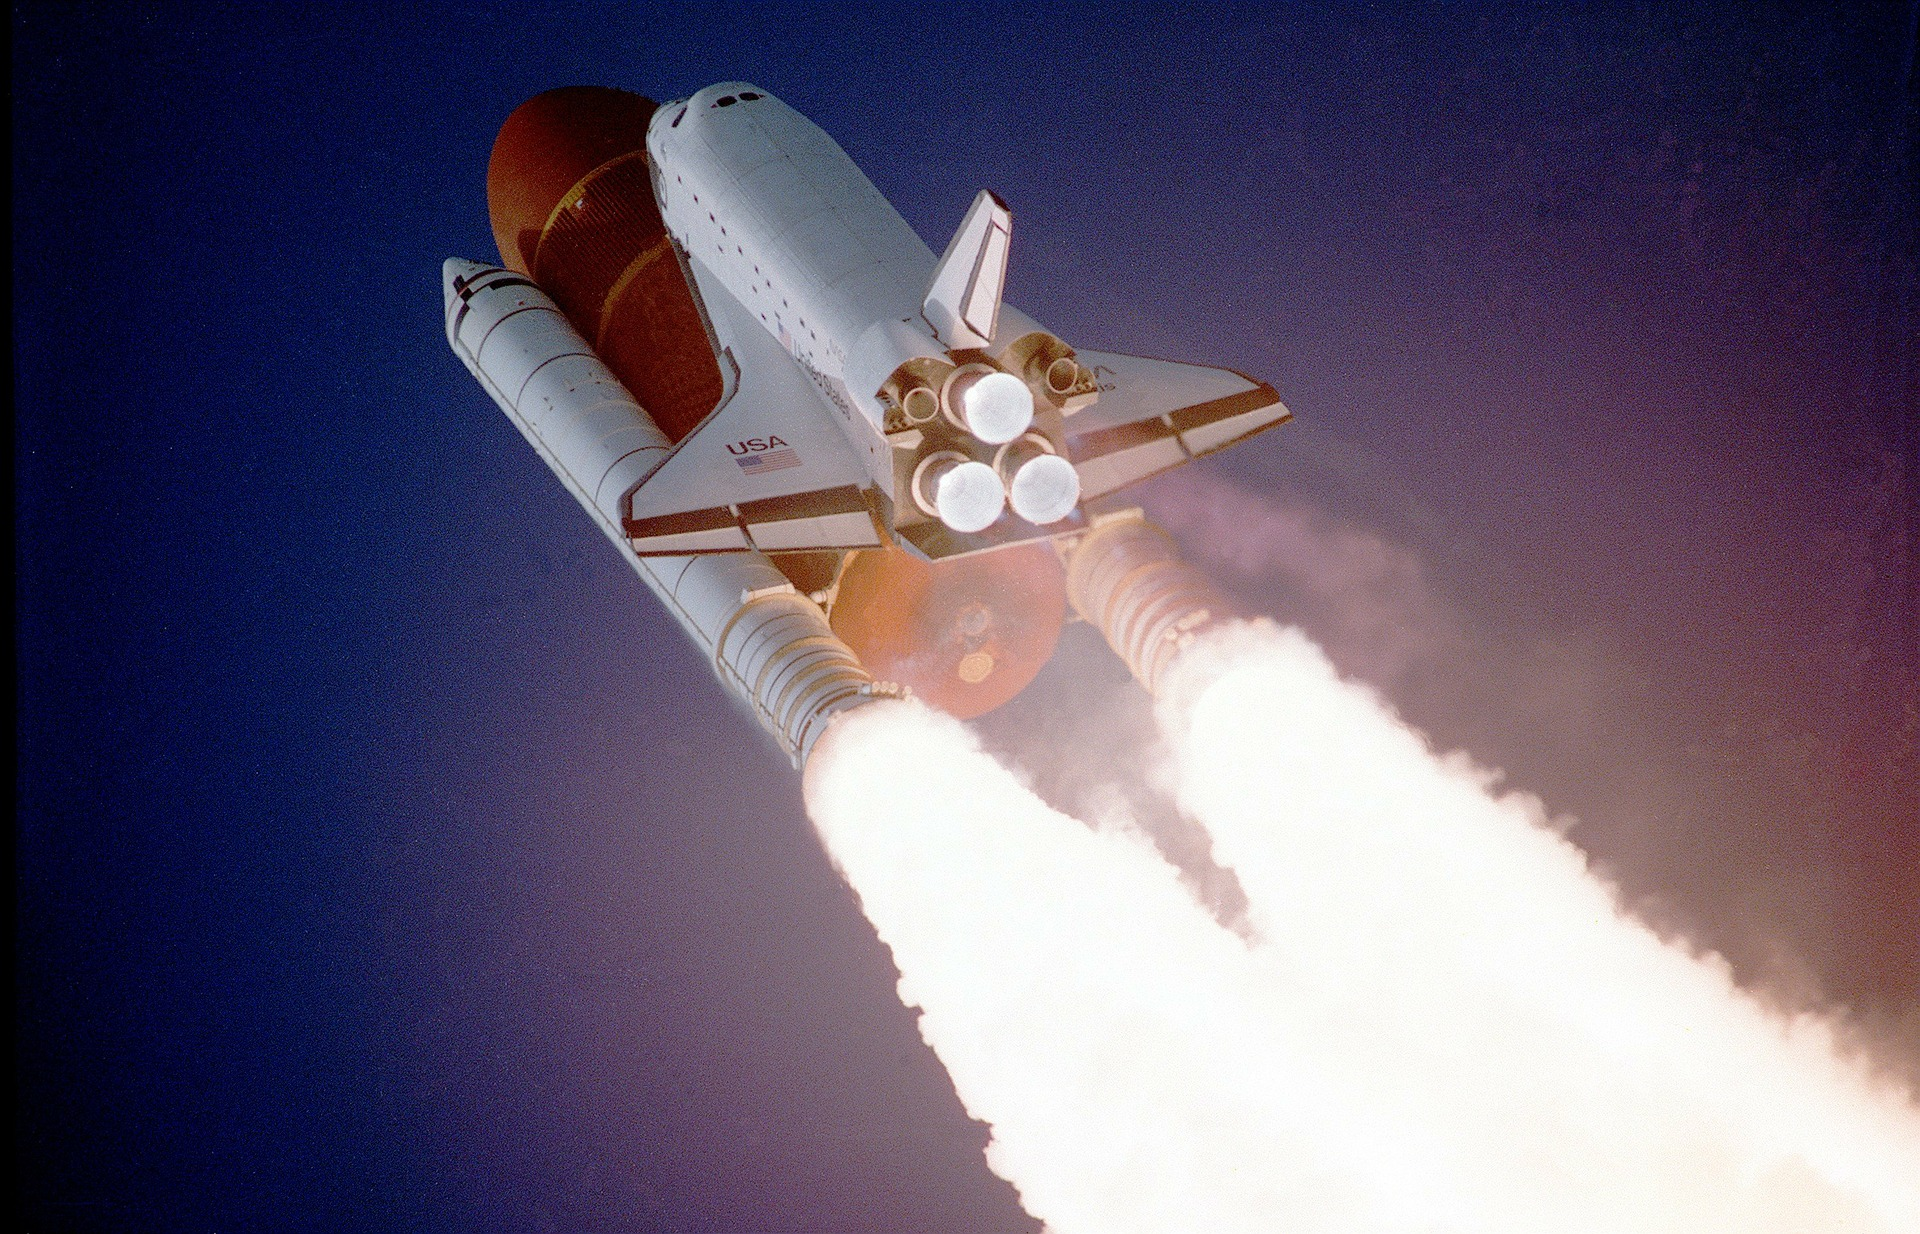 発射しているスペースシャトル